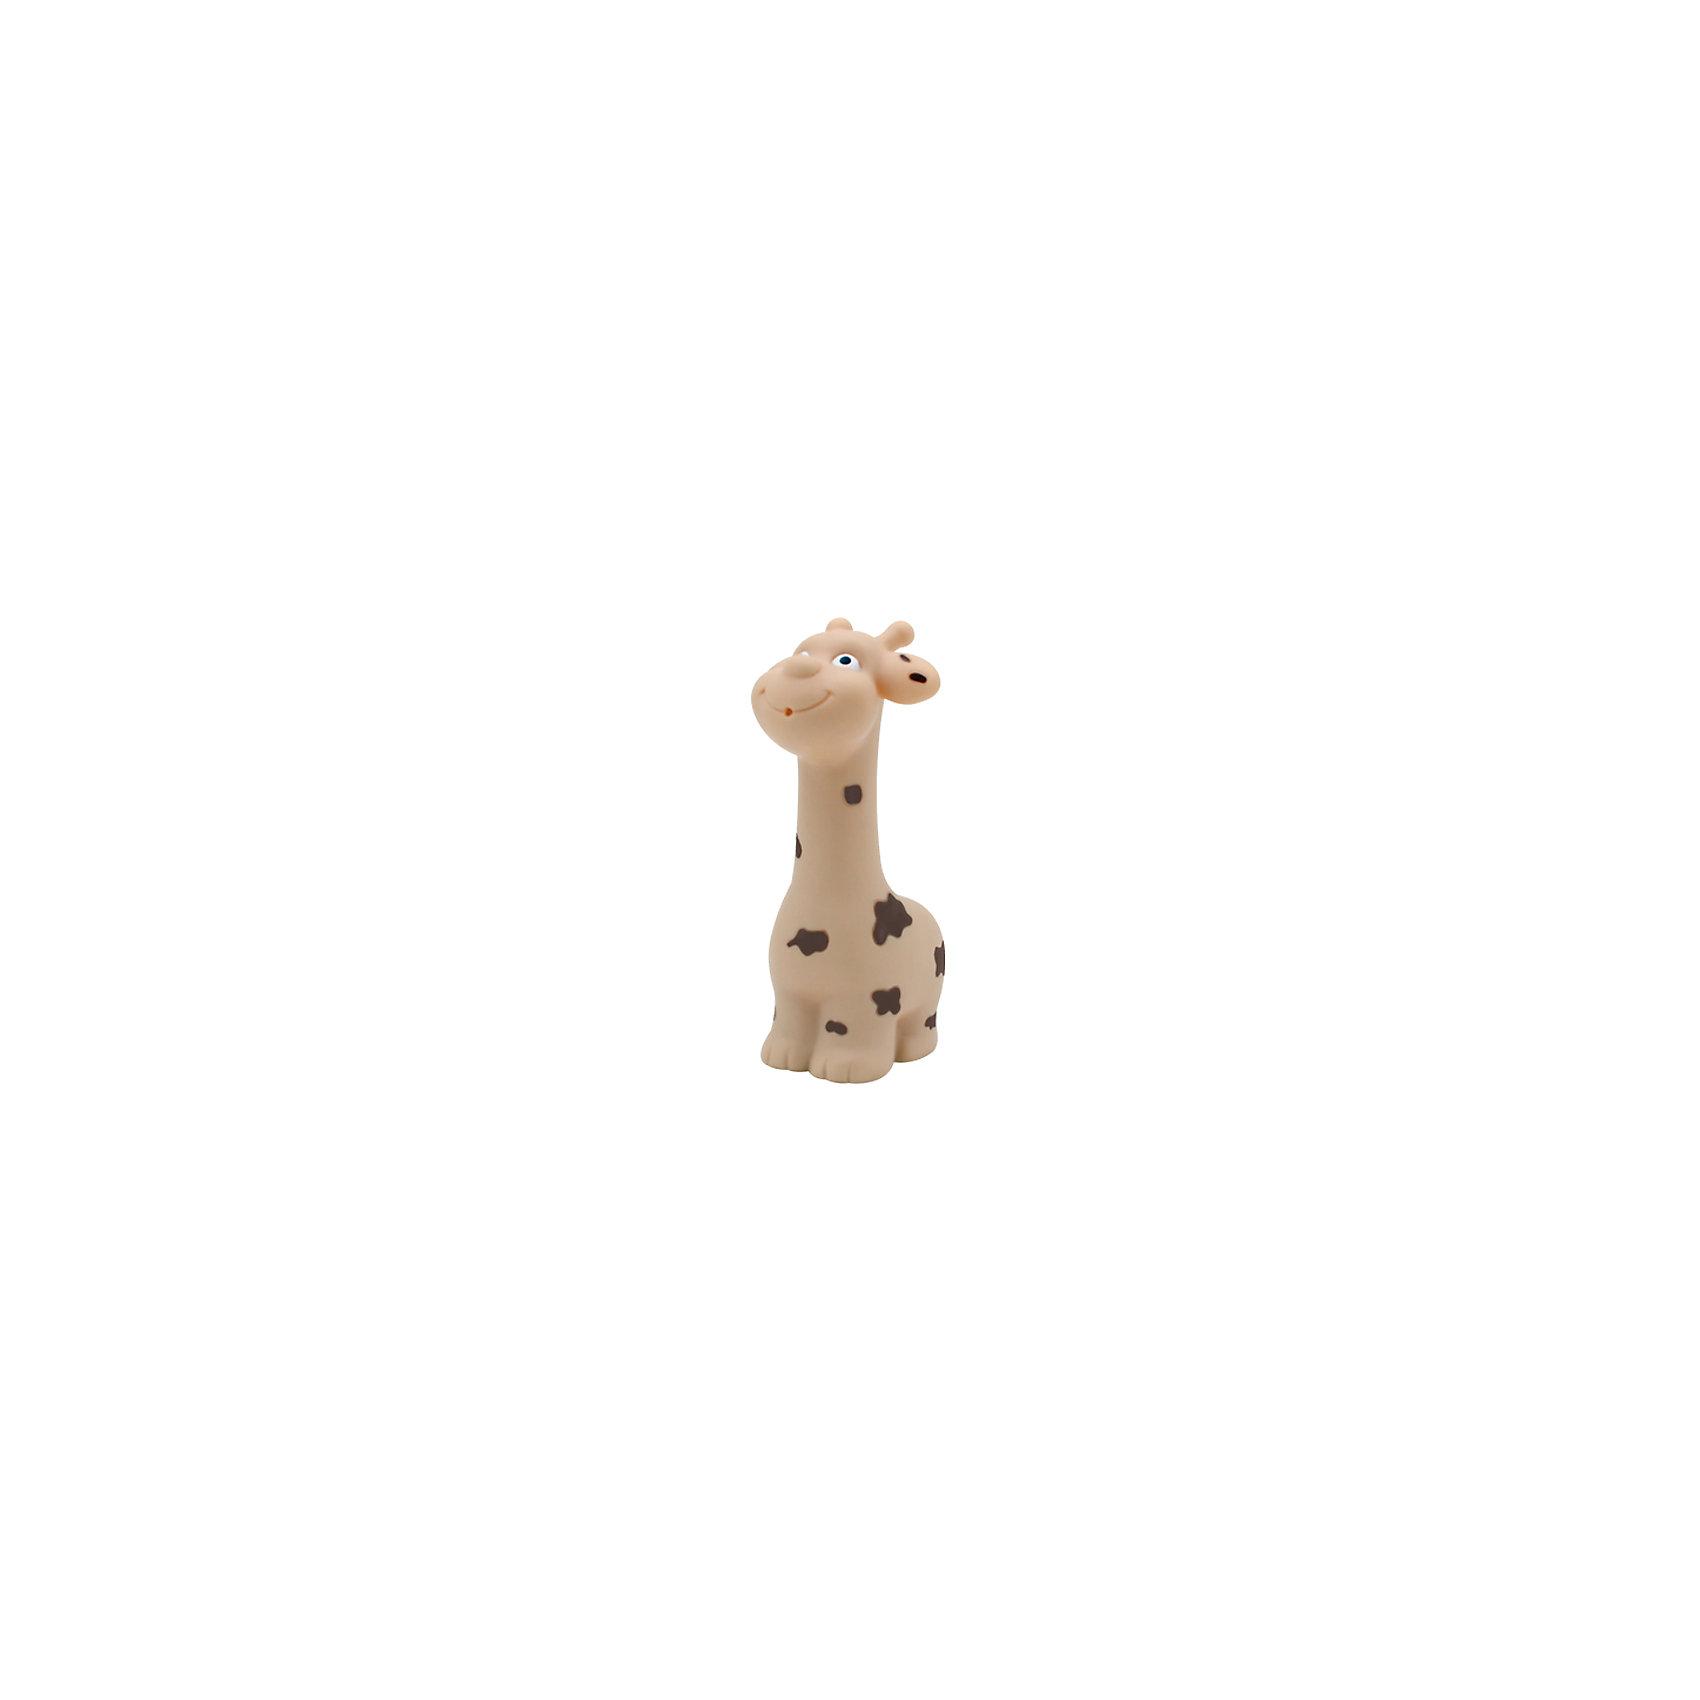 Игрушка для купания Жираф- пищалка с 12 мес., LUBBYИгрушка для купания Жираф-пищалка торговой  марки LUBBY  понравится любому малышу. Жирафик превратит процесс купанья ребенка в увлекательную  игру. Удобная форма и расцветка, приближенная к натуральной, сделают игрушку самой любимой.<br><br>Дополнительная информация: <br><br>- состав: поливинилхлорид (пвх) высокого качества<br>- срок службы: 3 года<br><br>Игрушку  для купания Жираф-пищалка можно купить в нашем интернет-магазине.<br><br>Ширина мм: 250<br>Глубина мм: 200<br>Высота мм: 150<br>Вес г: 200<br>Возраст от месяцев: 12<br>Возраст до месяцев: 36<br>Пол: Унисекс<br>Возраст: Детский<br>SKU: 4801575